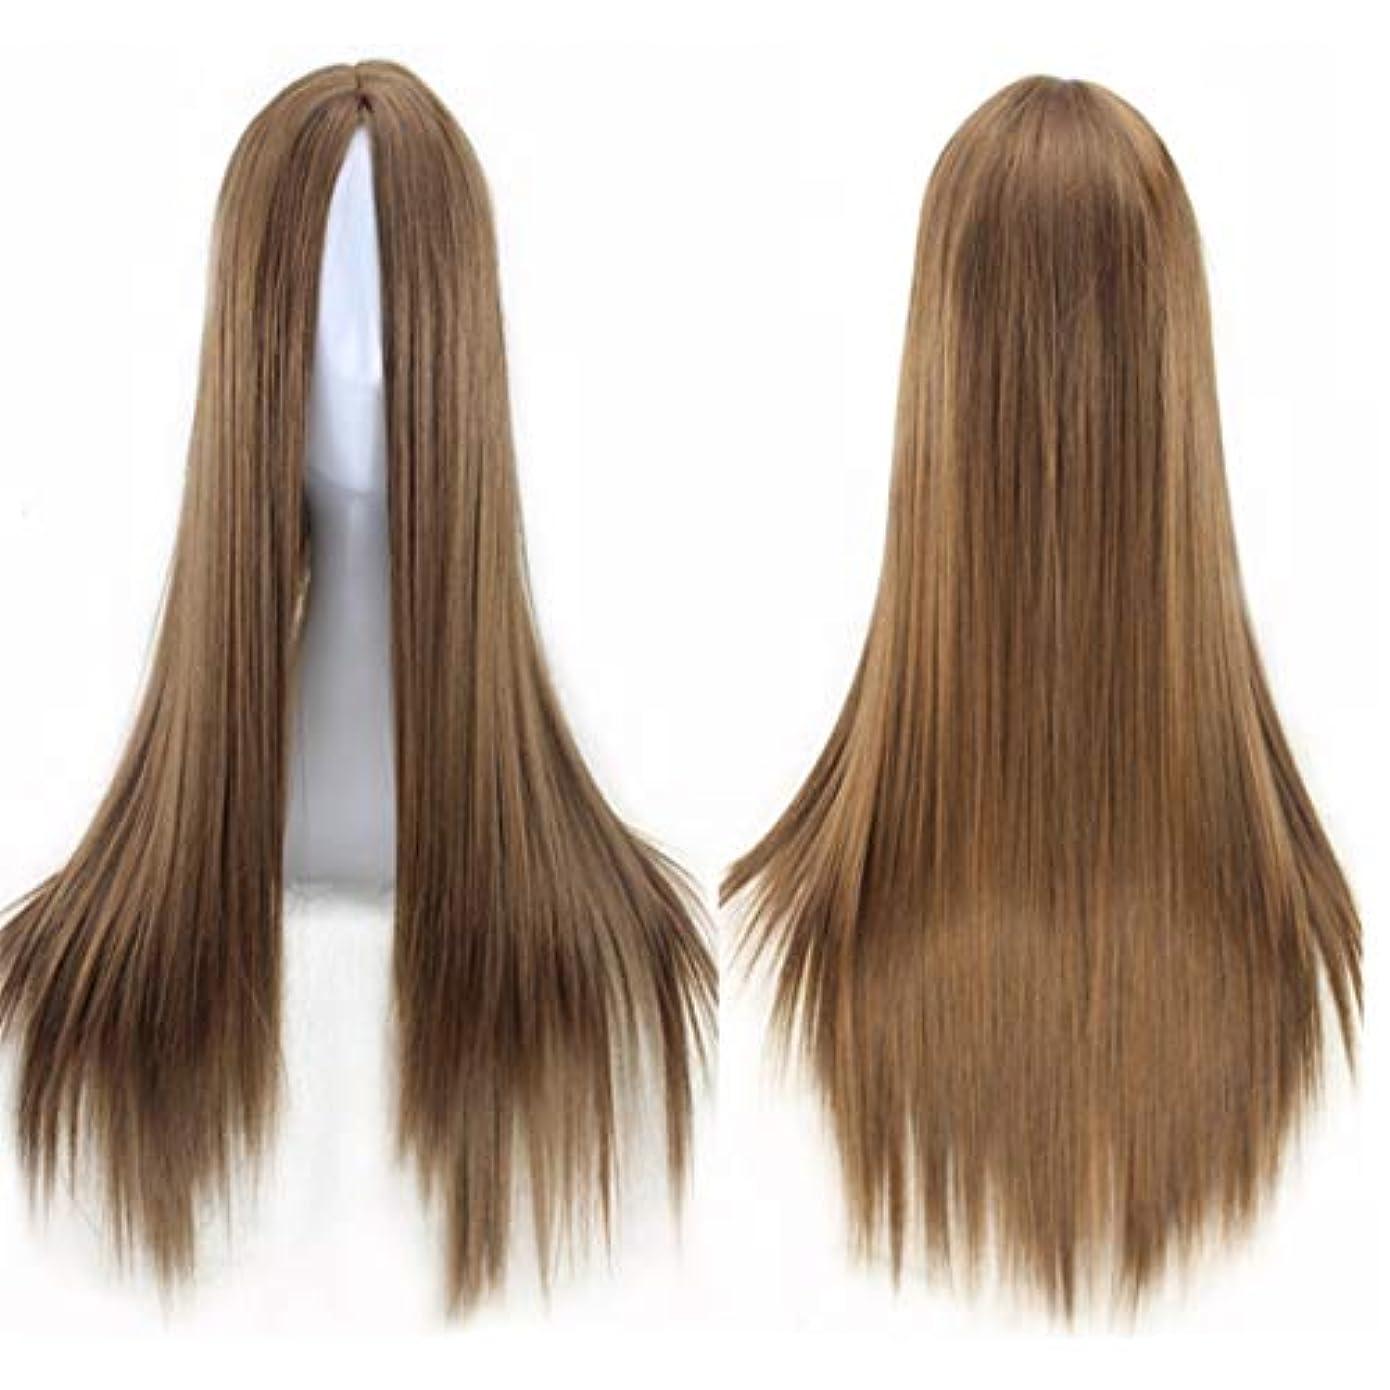 強い実装する歌詞Kerwinner ミドルの前髪のかつら耐熱ウィッグ65 cmのロングストレートウィッグの人々のためのパーティーパフォーマンスカラーウィッグ(マルチカラー) (Color : Light brown)